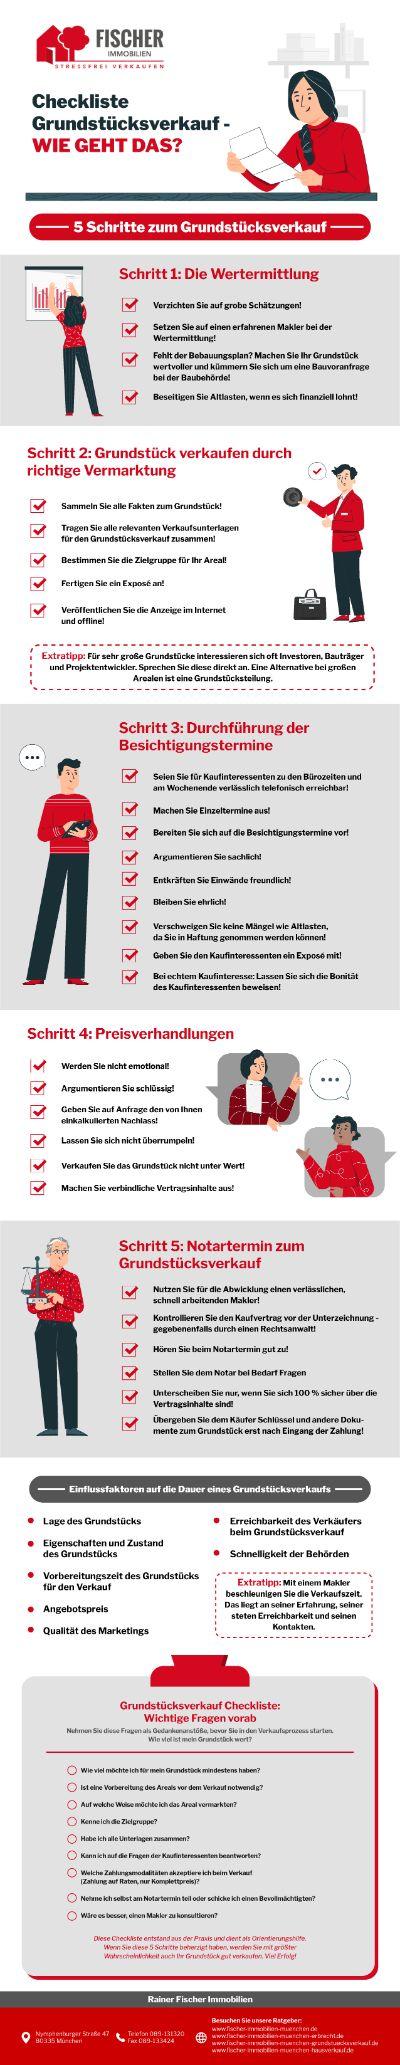 Infografik Checkliste Grundstücksverkauf: Wie Geht Das?